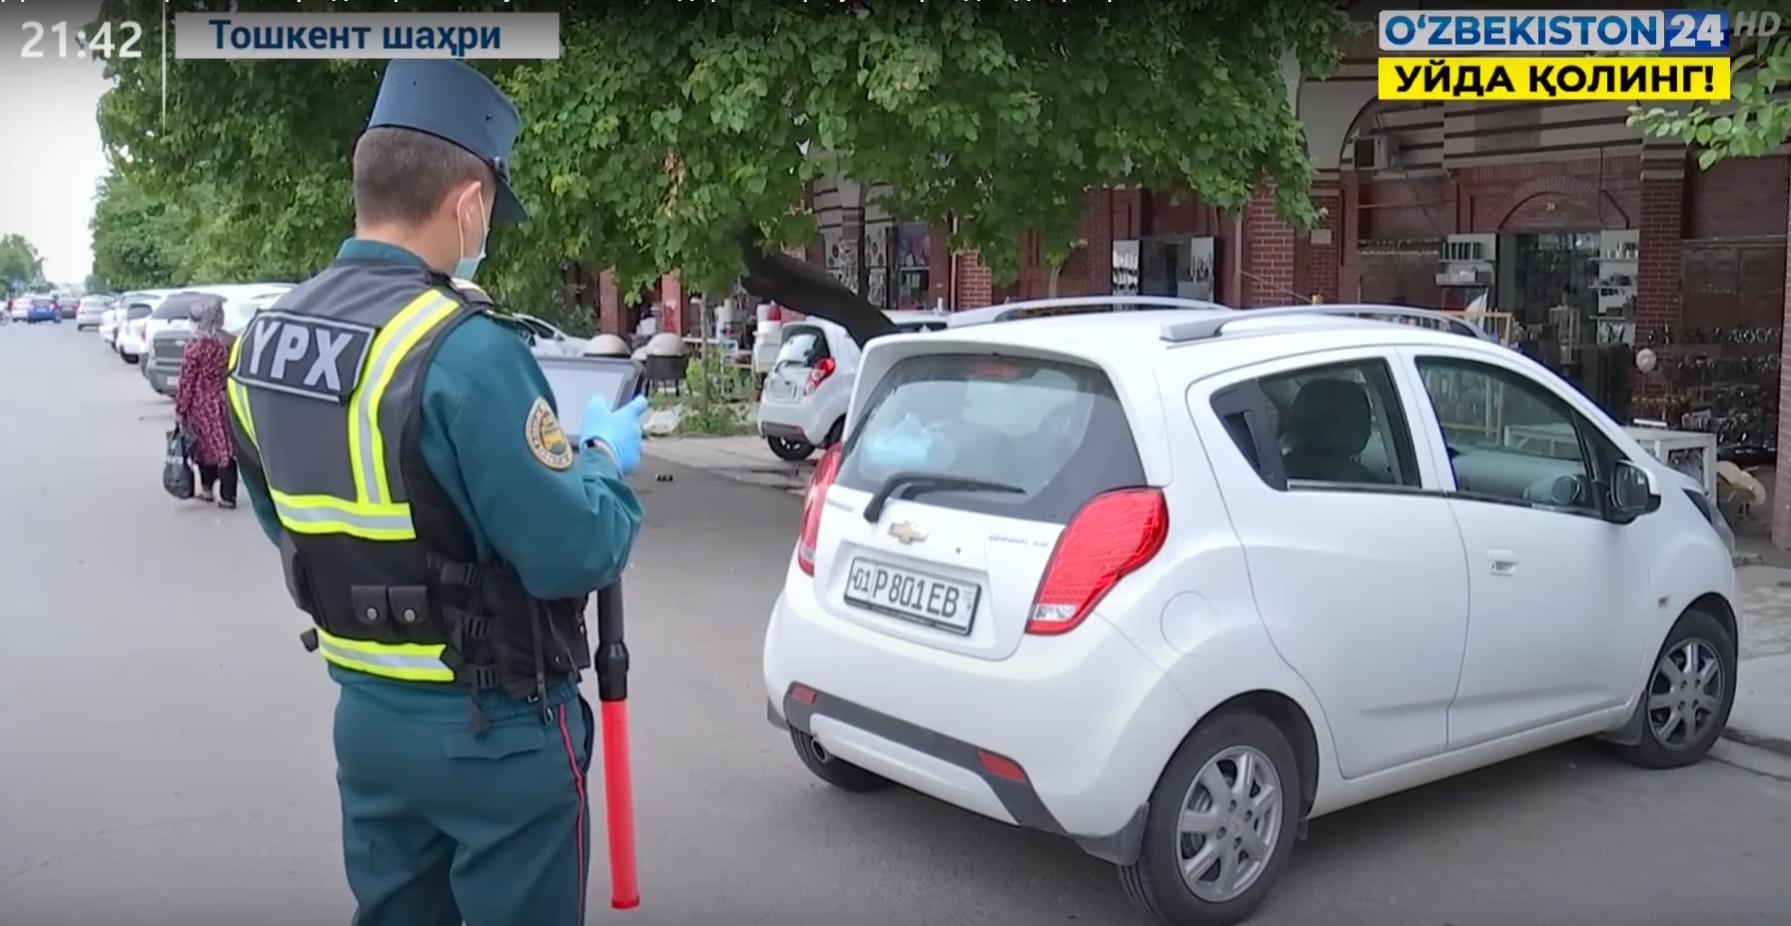 Инспекторы ГАИ получили планшеты для фиксации нарушений парковки